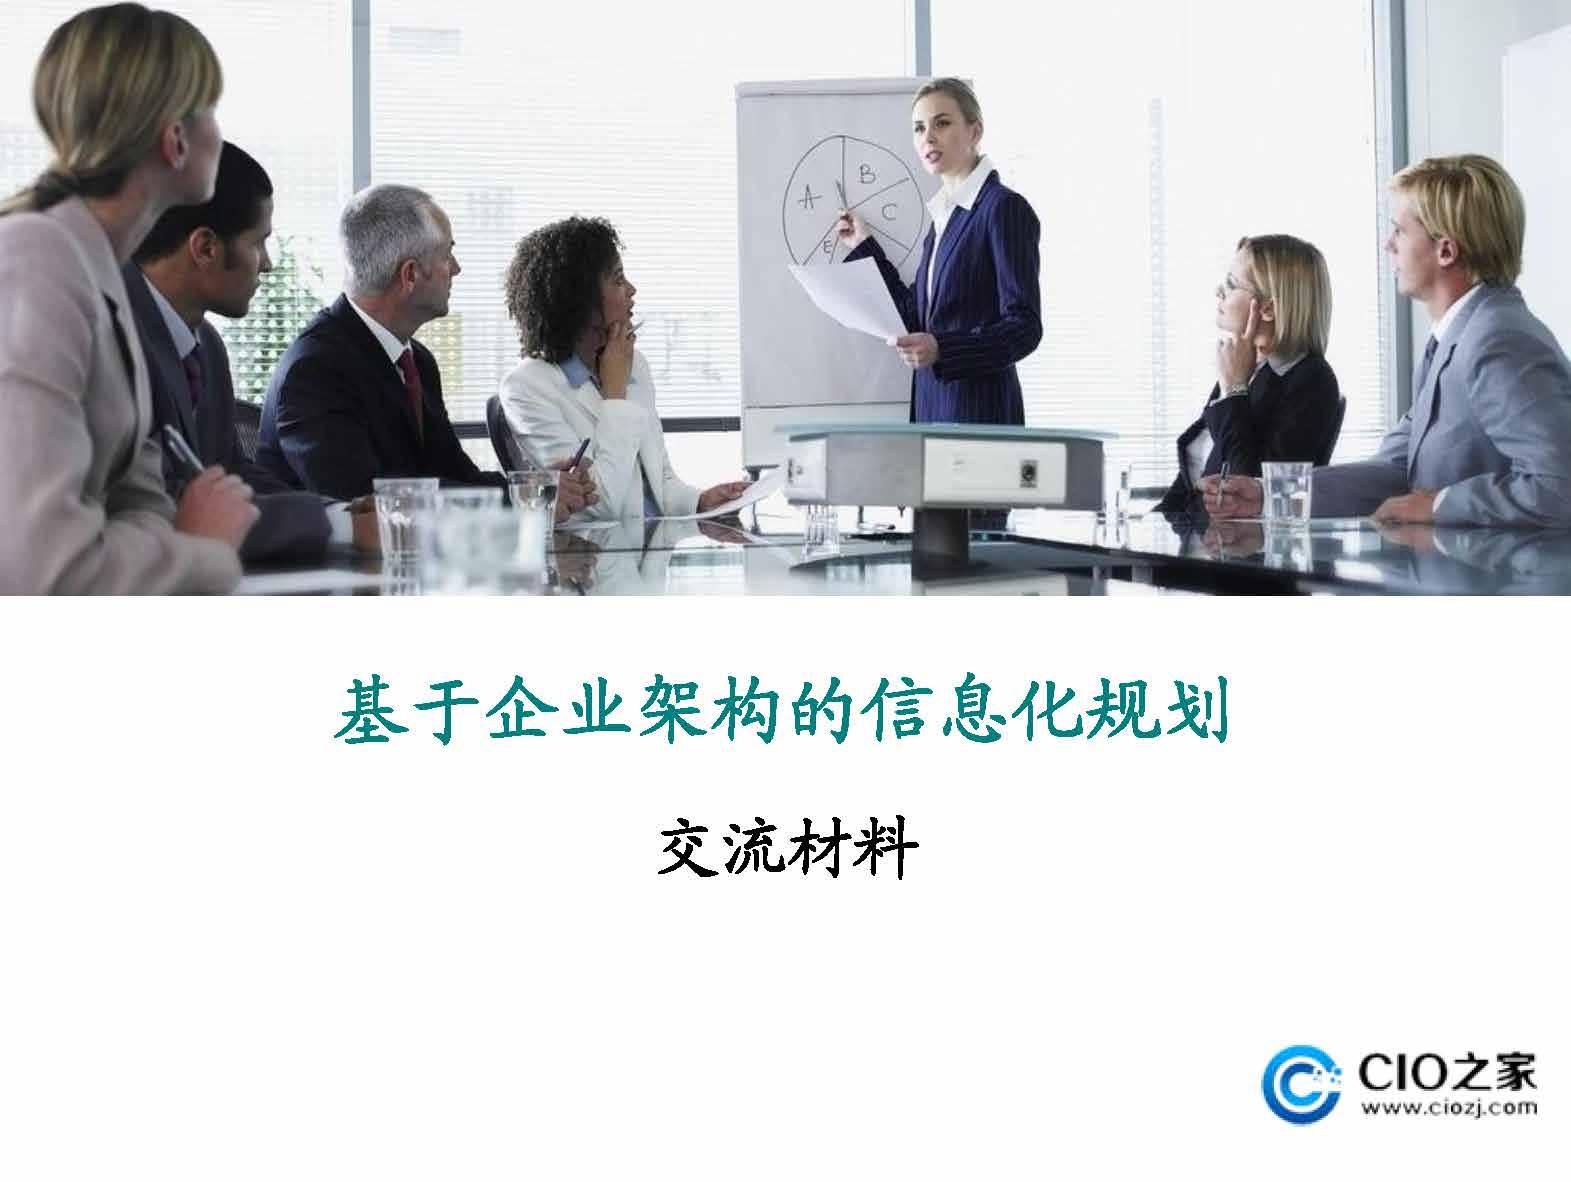 CIO之家-基于企业架构的信息化规划